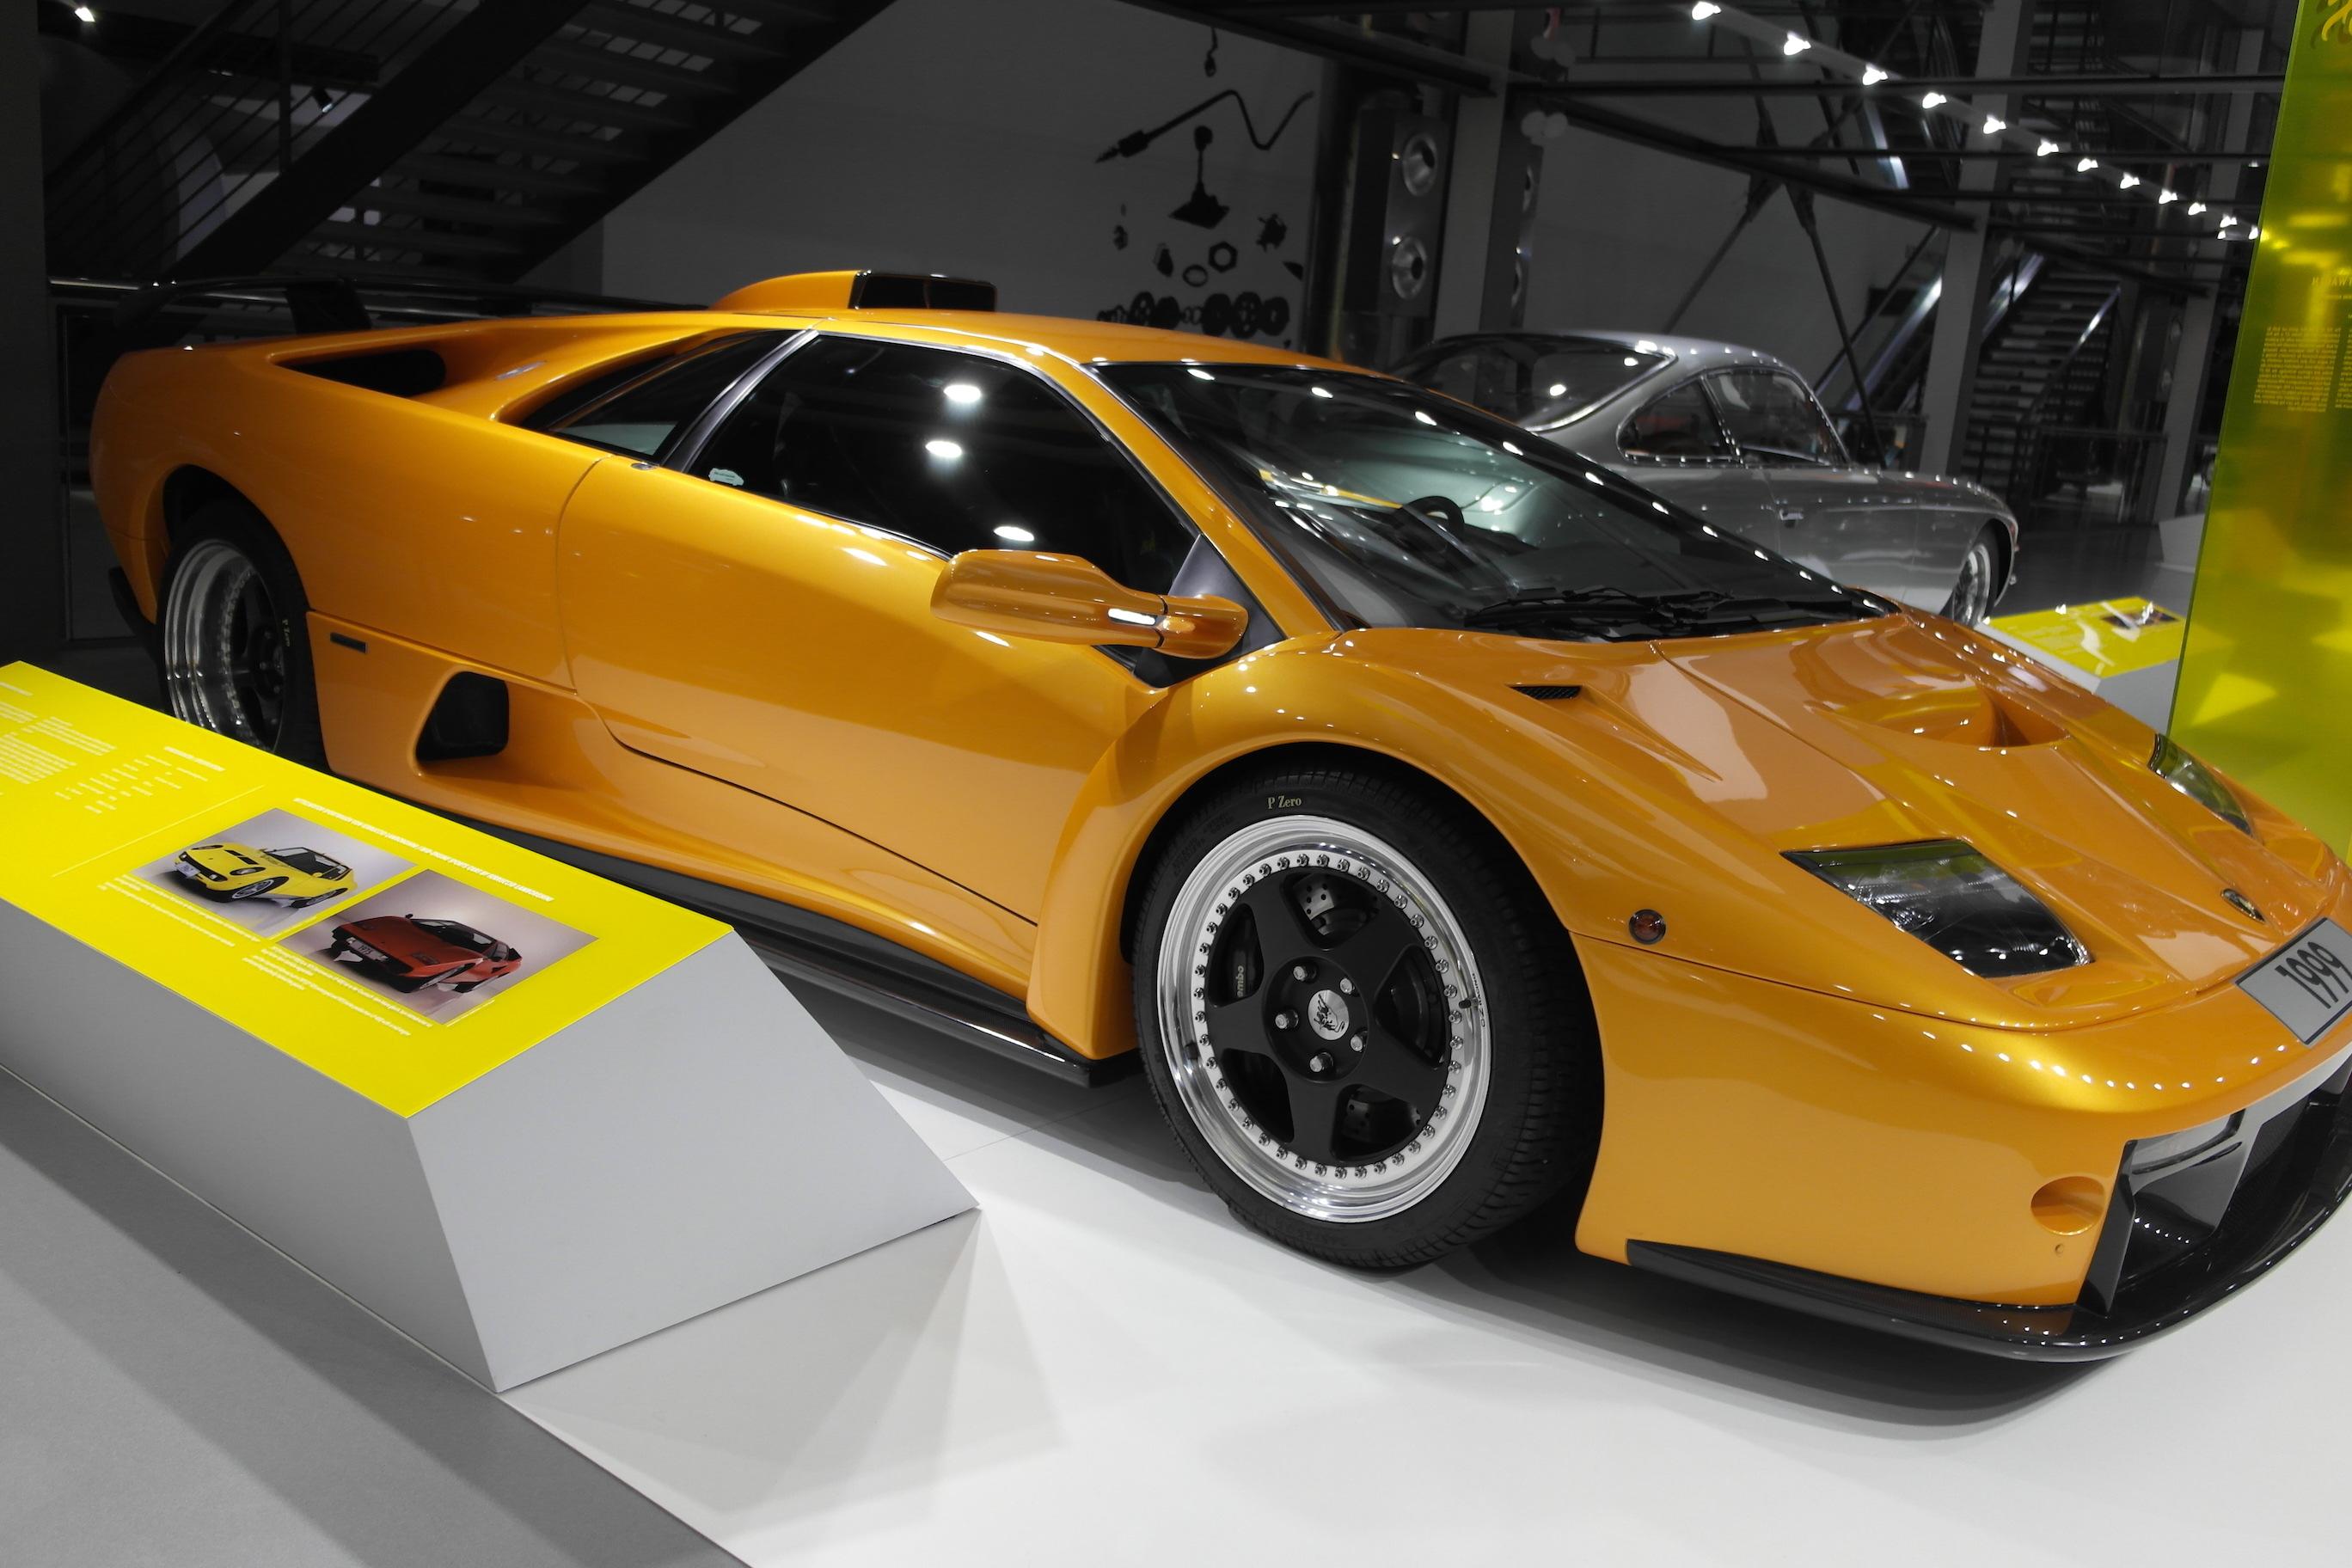 Alig 83 példány készült a V12-es, 575 lóerős motorral felszerelt Lamborghini Diablo GT-ből.